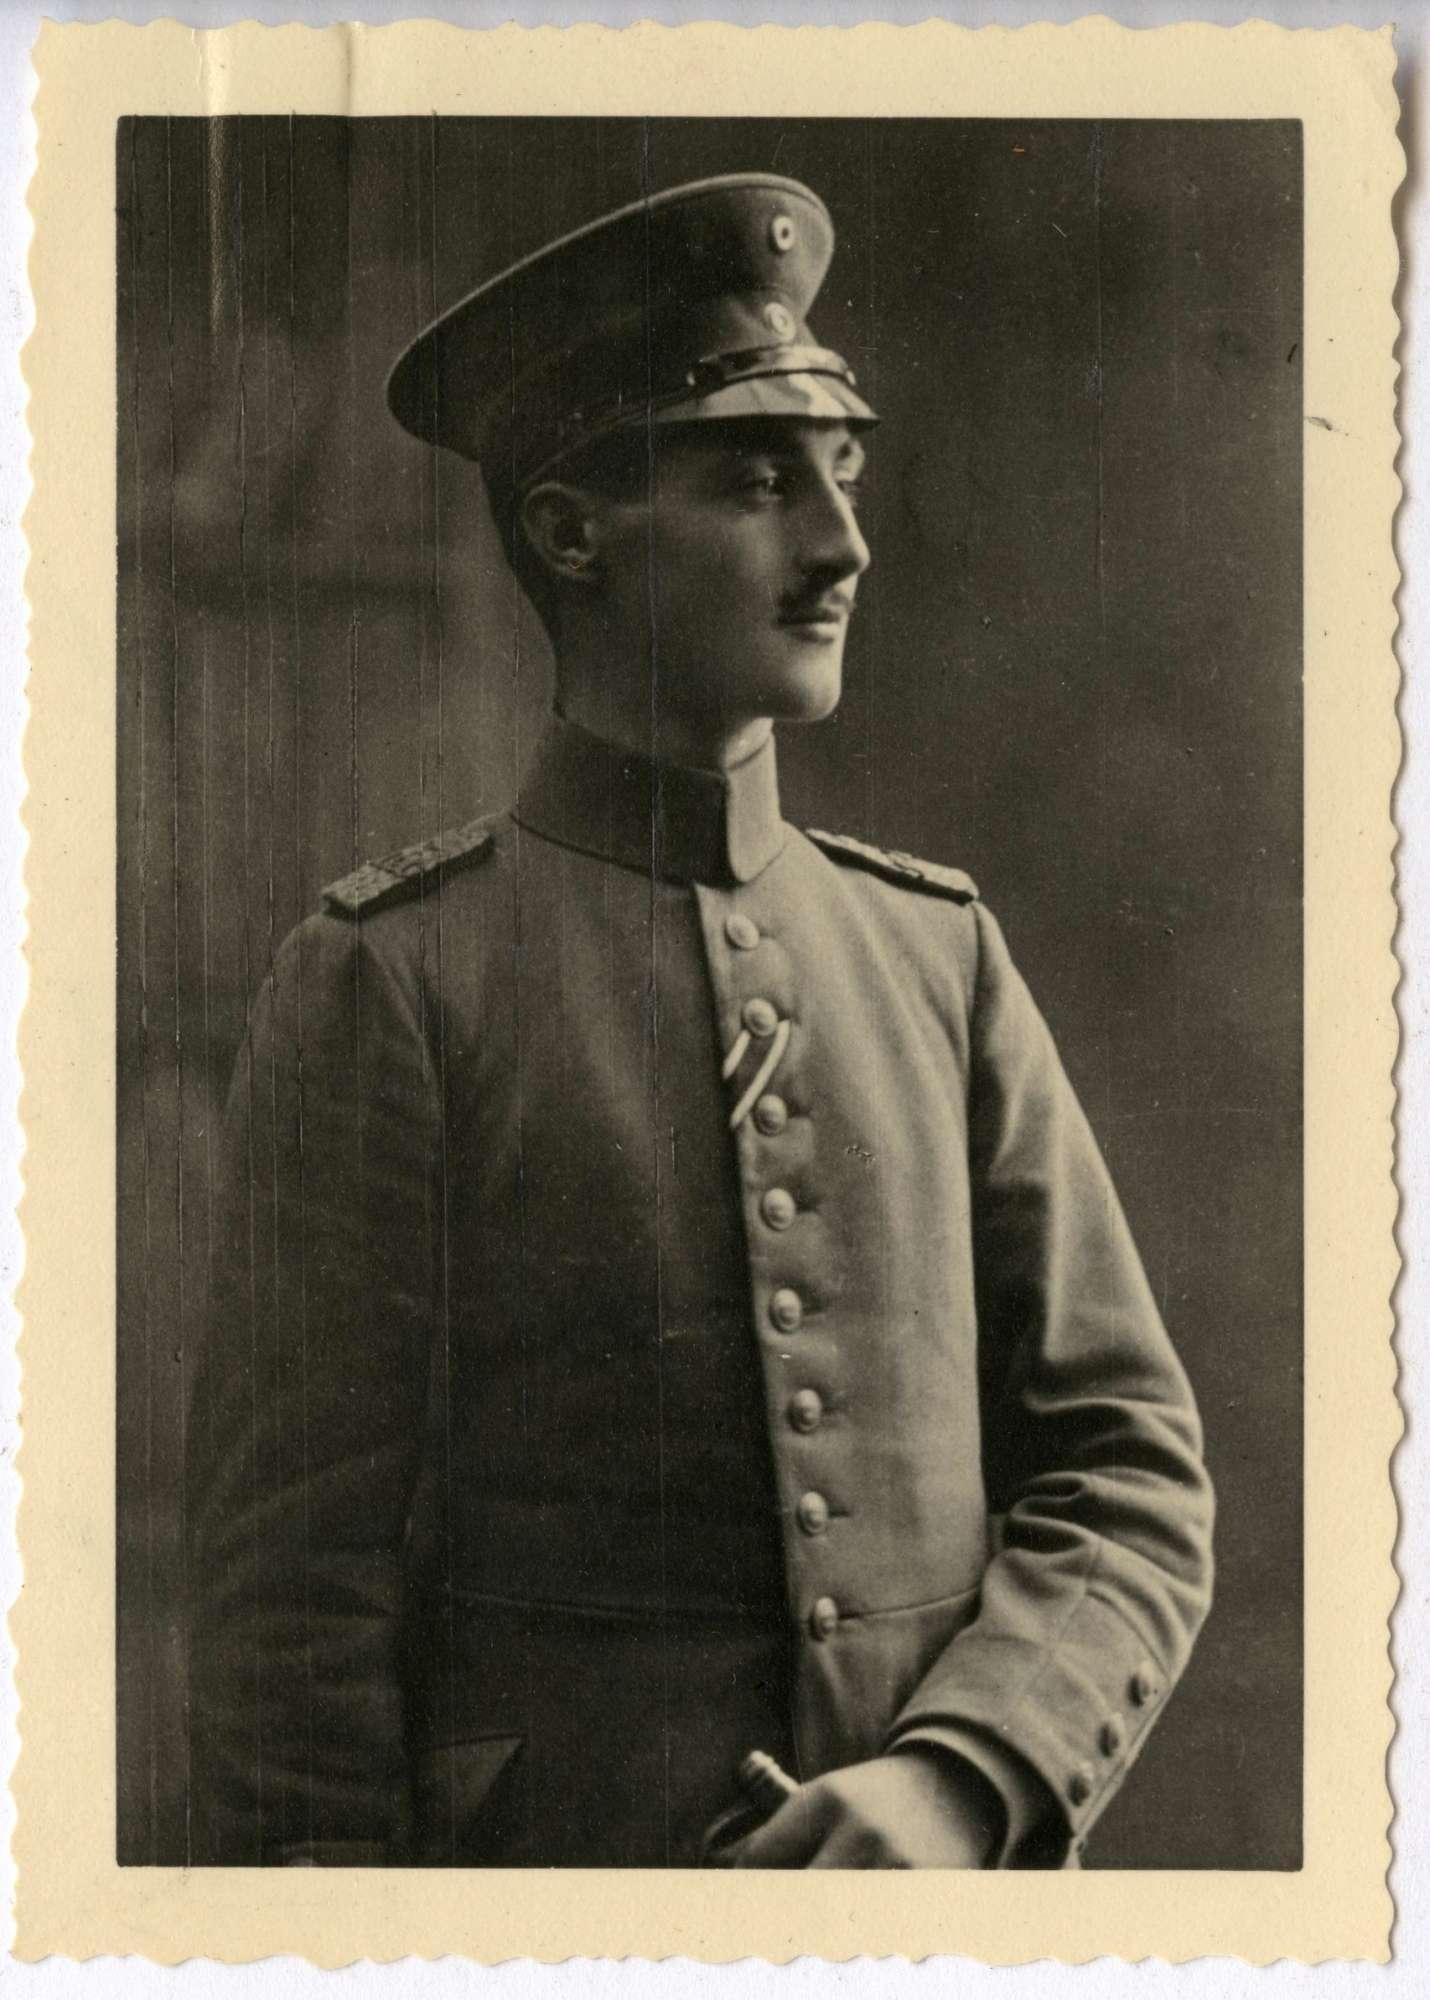 Schöllkopf, Walter, Bild 2